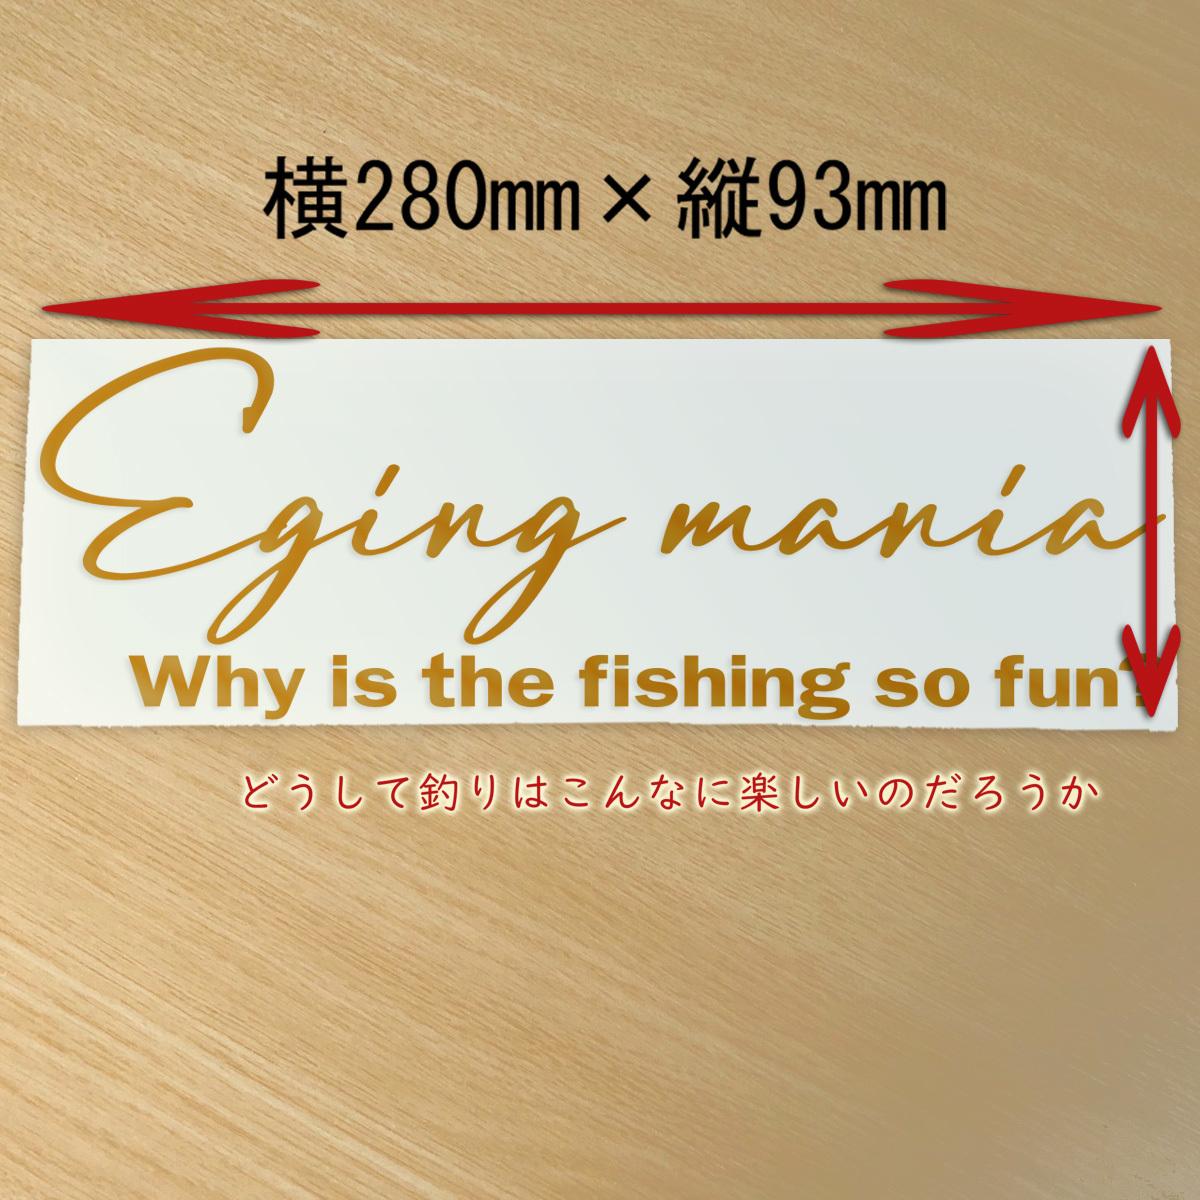 Sportsmindではなくて、エギングマニア 餌木釣りステッカー Why is the fishing so fun?どうして釣りはこんなに楽しいのか?NO521E_画像2